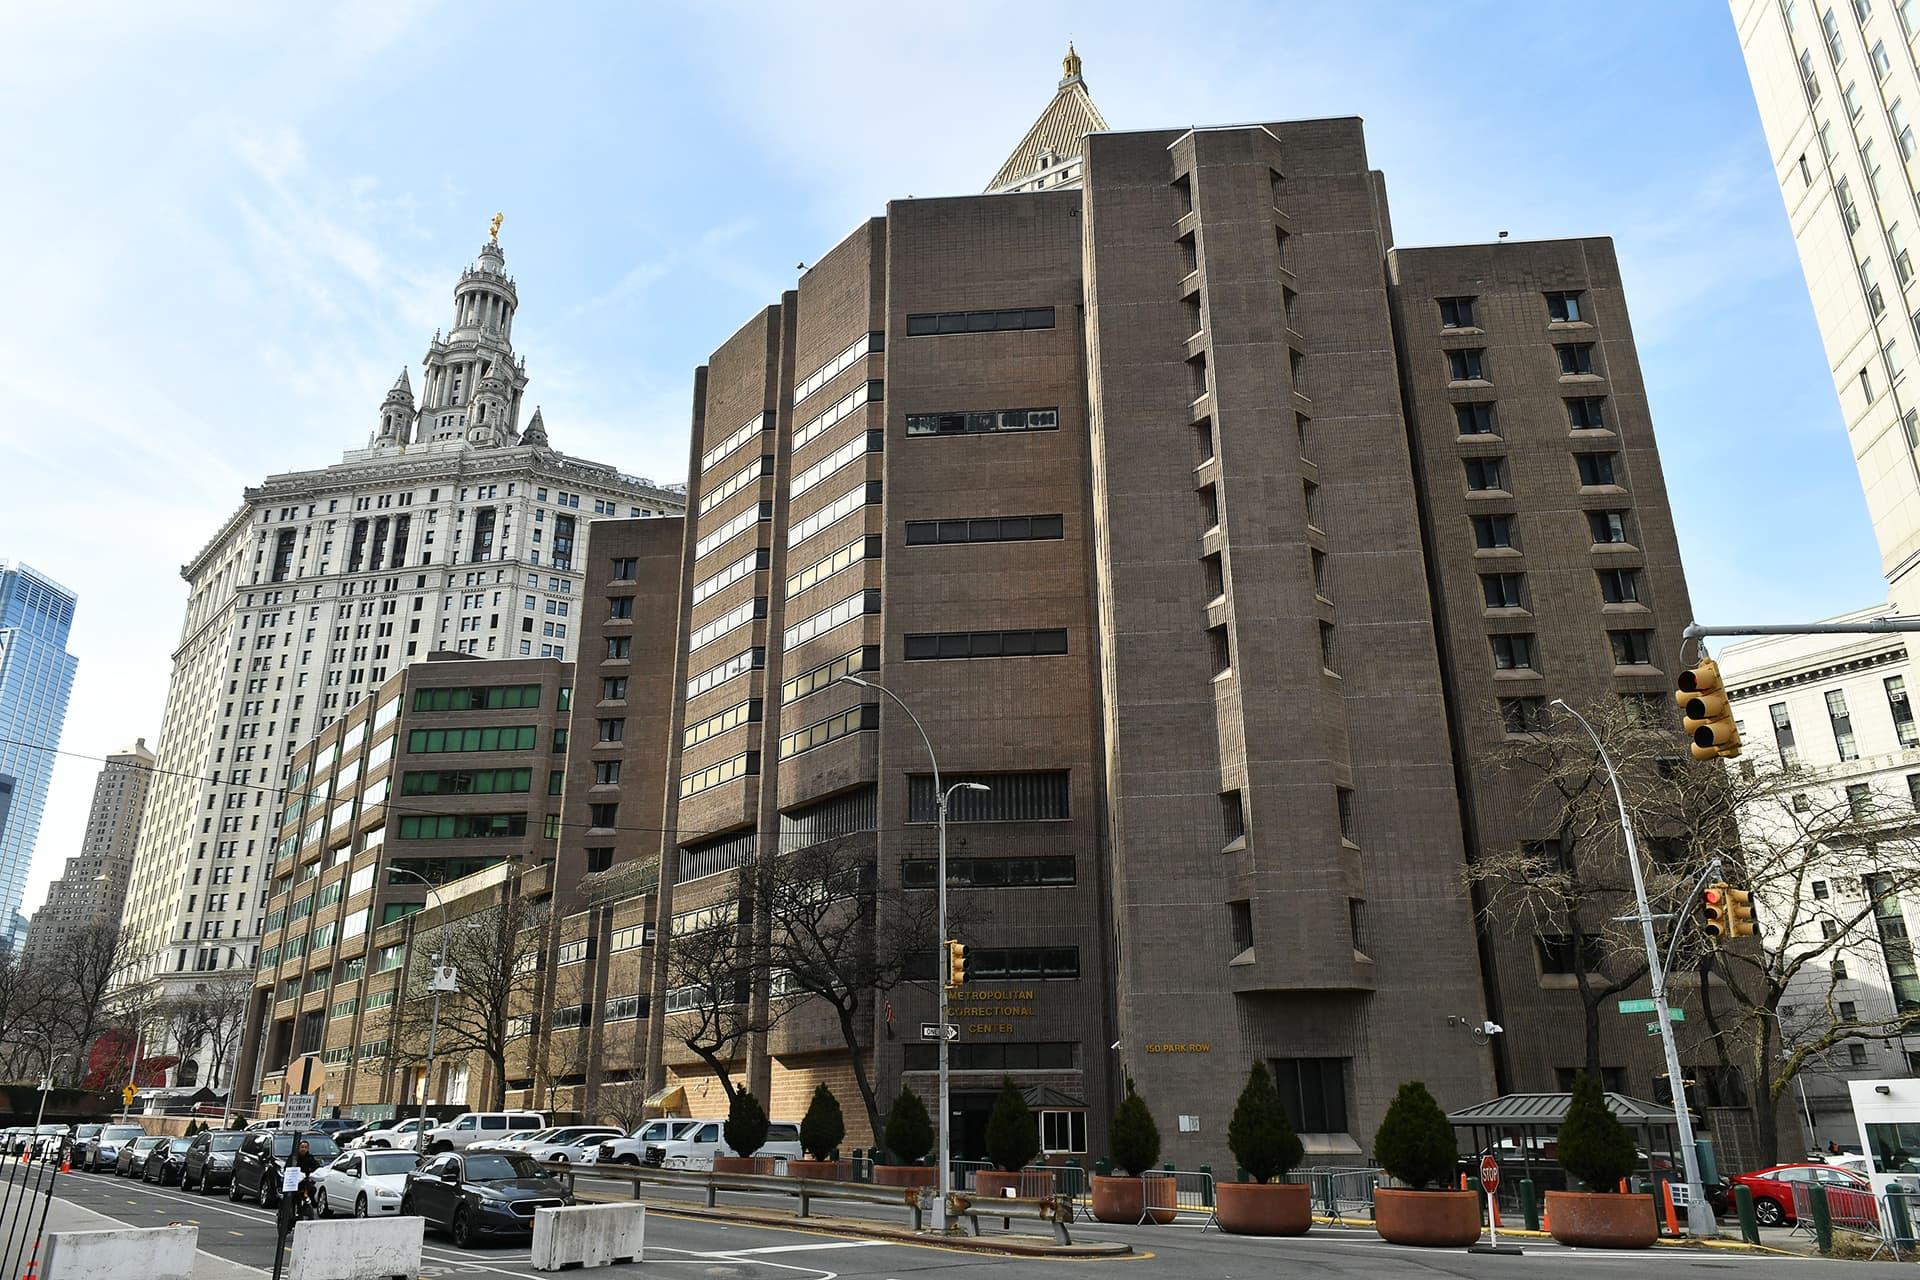 Metropolitan Correctional Center on Yhdysvaltain liittovaltion hallinnon tutkintavankila New Yorkin keskustassa.